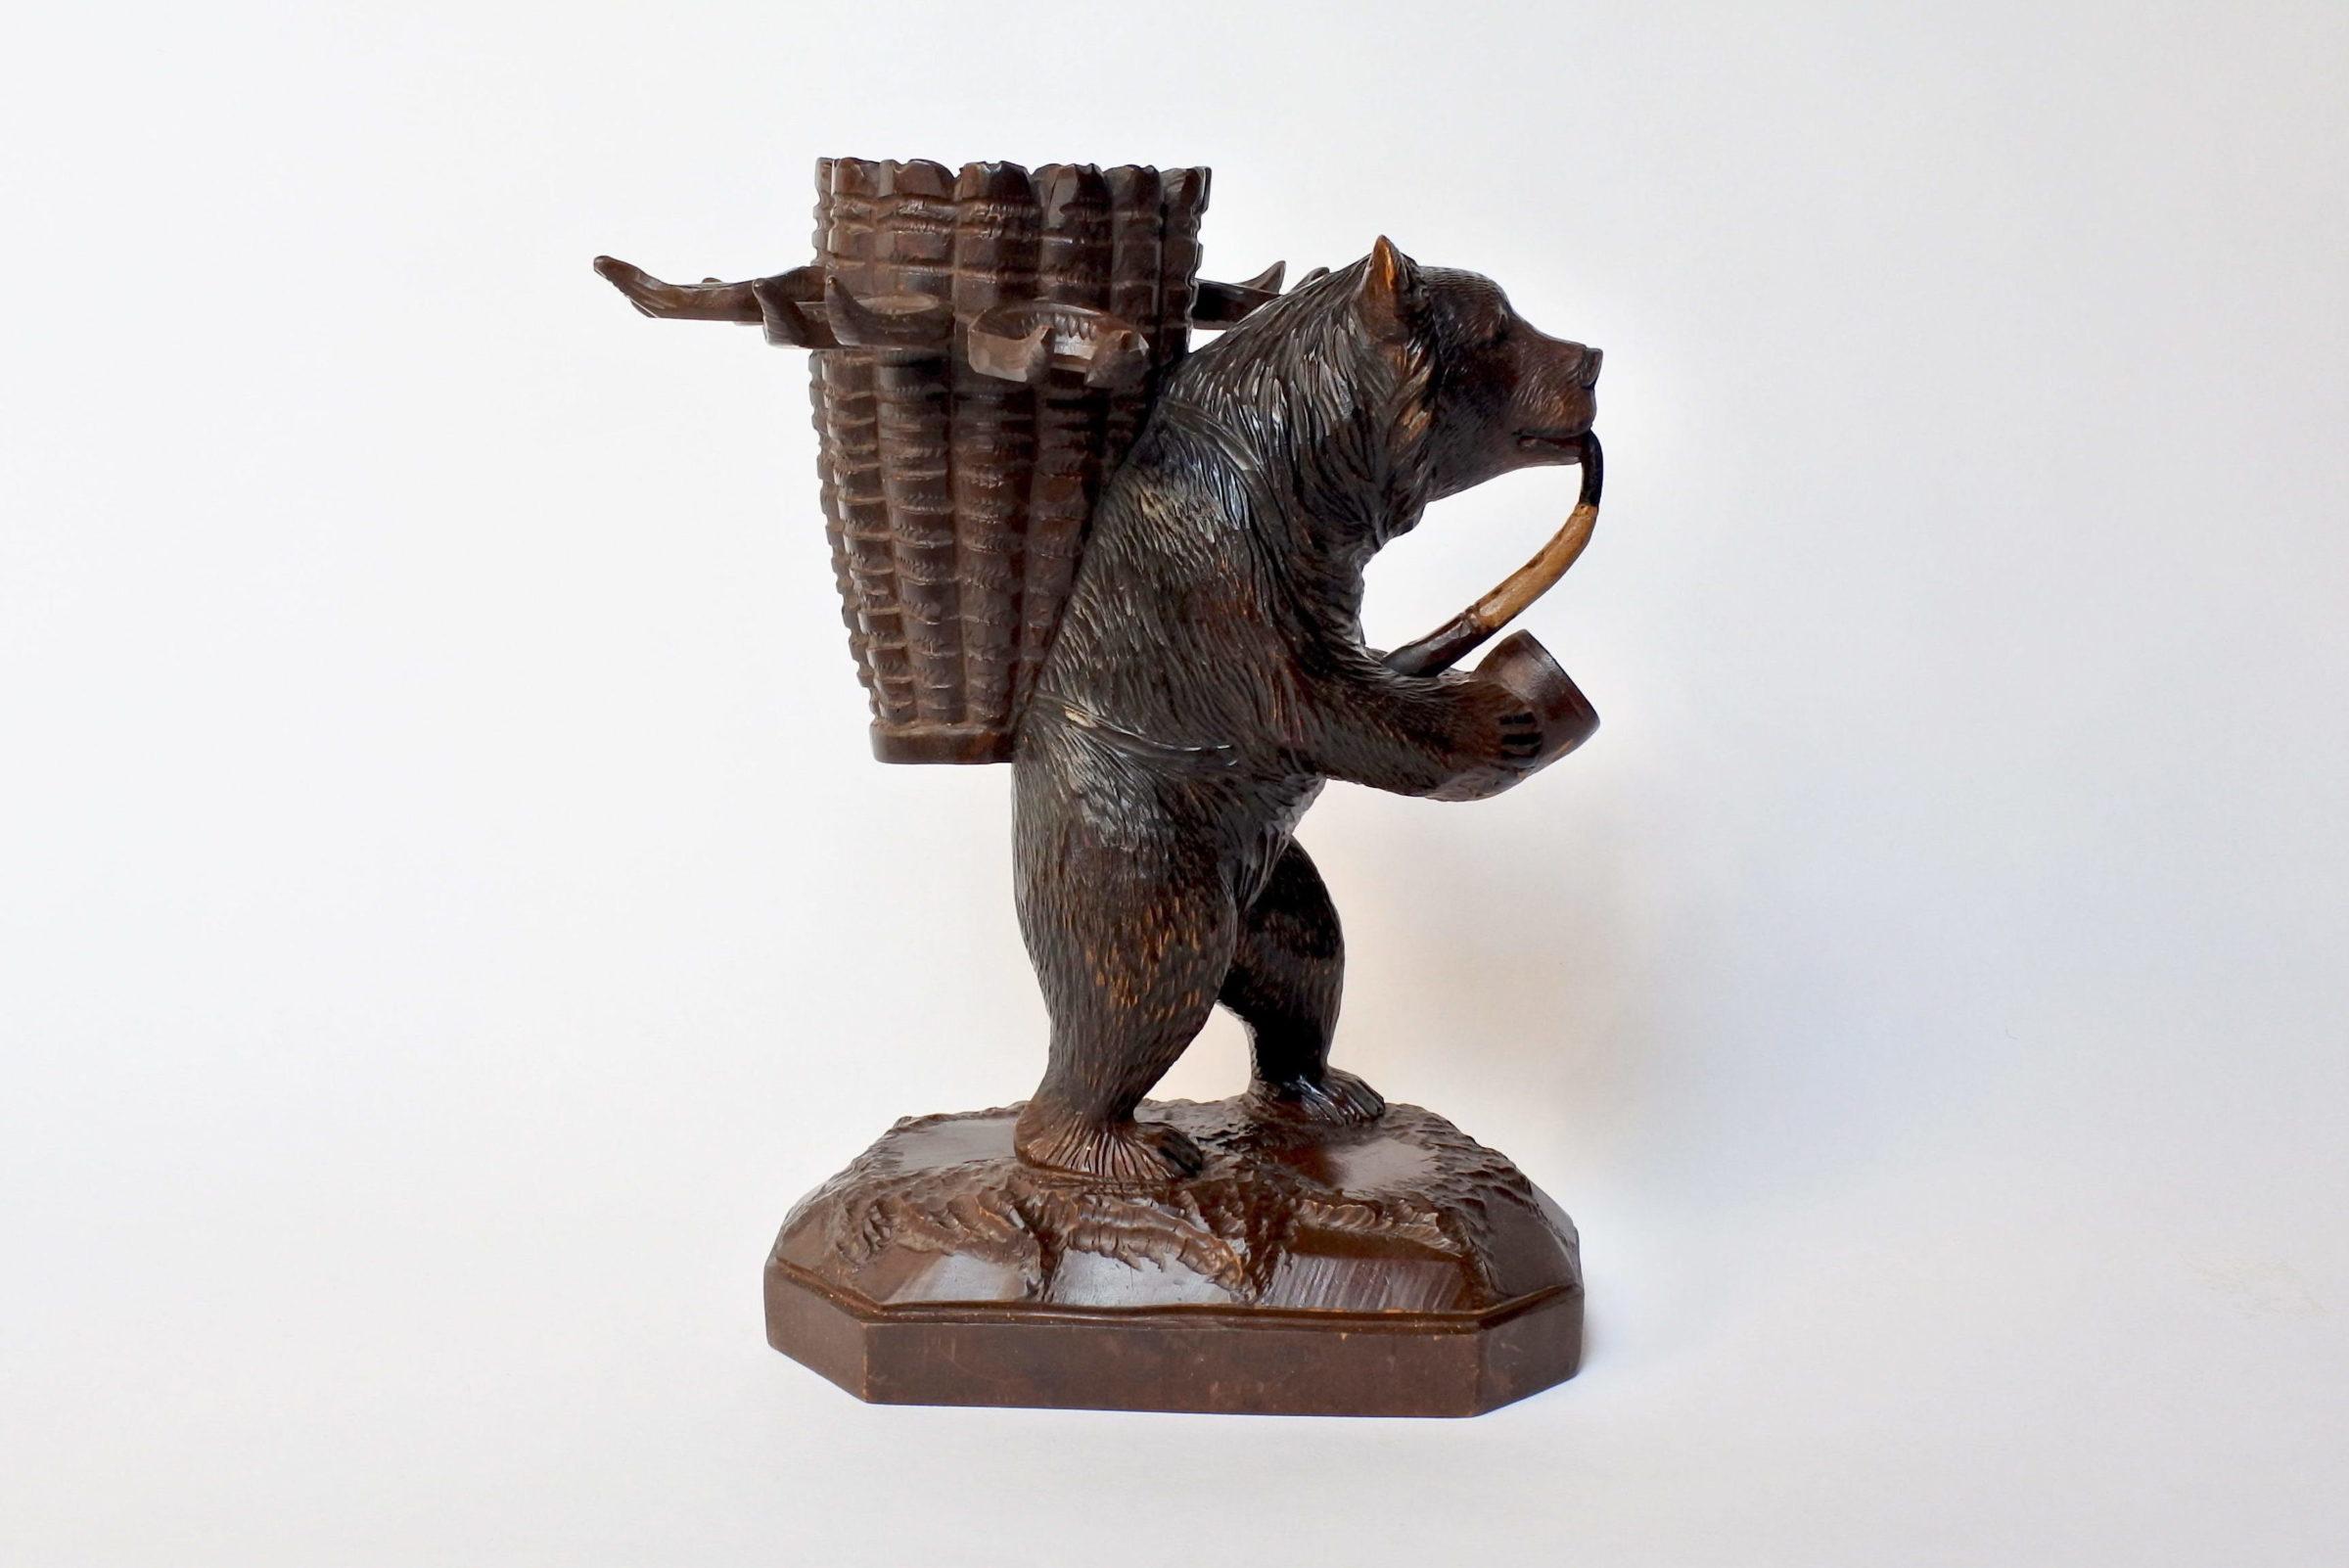 Orso in legno scolpito foresta nera con funzione di portabottiglia e bicchierini - 9